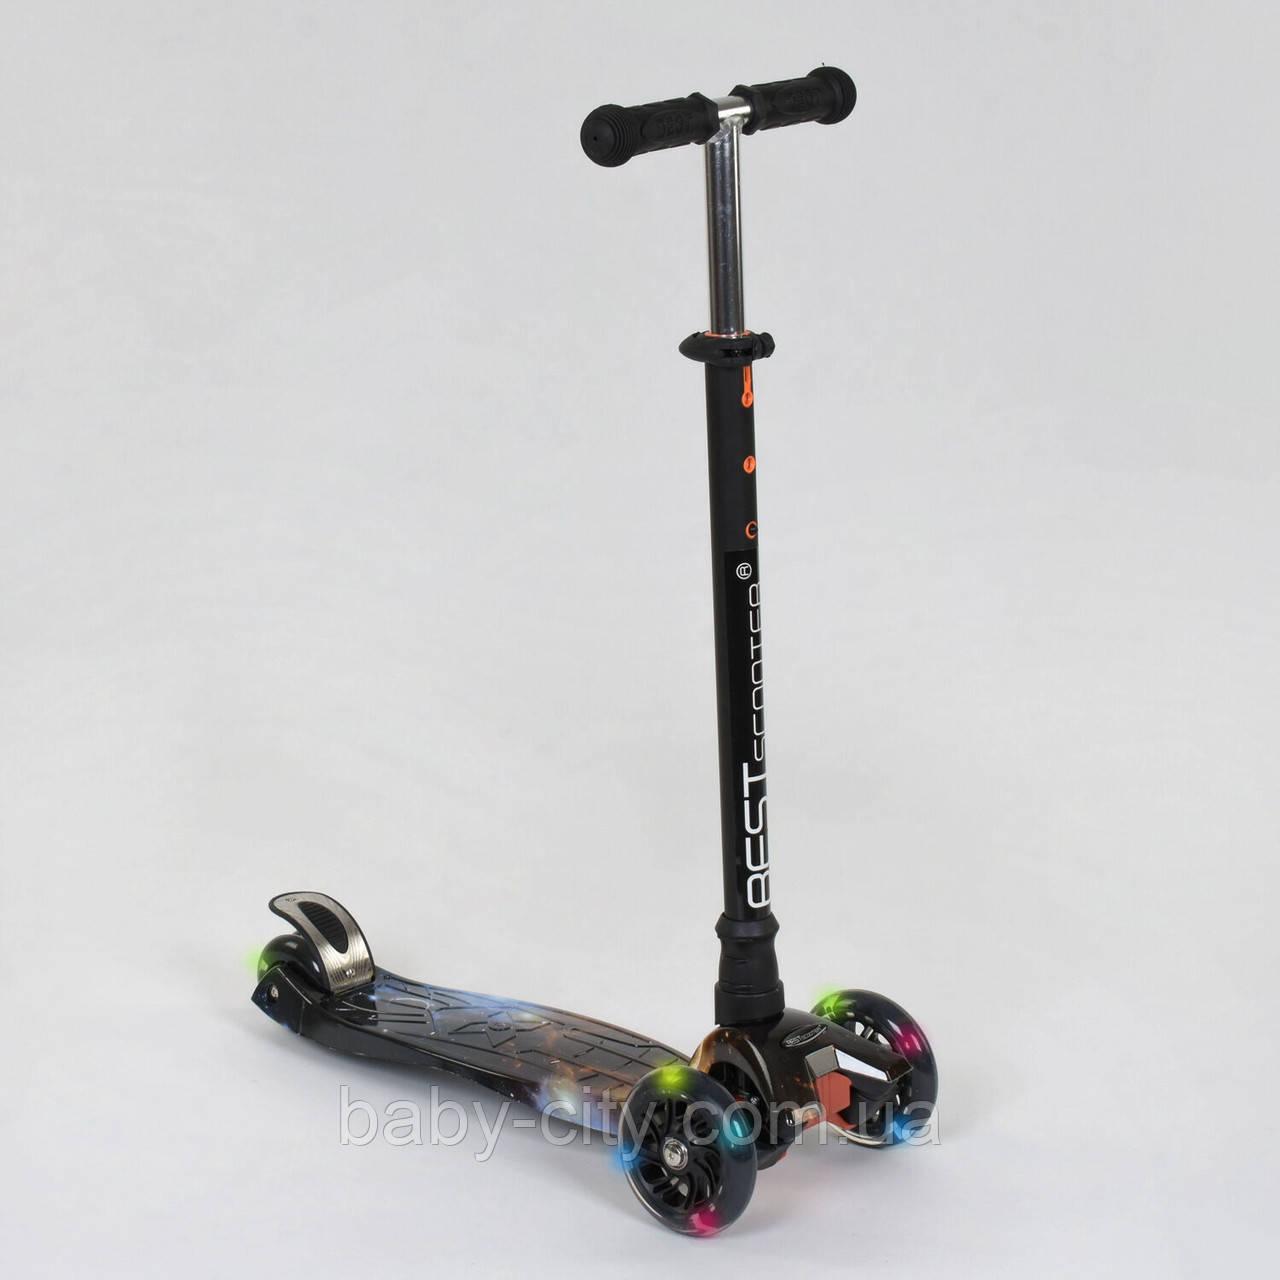 Самокат Best Scooter Maxi А 24662 /779-1311